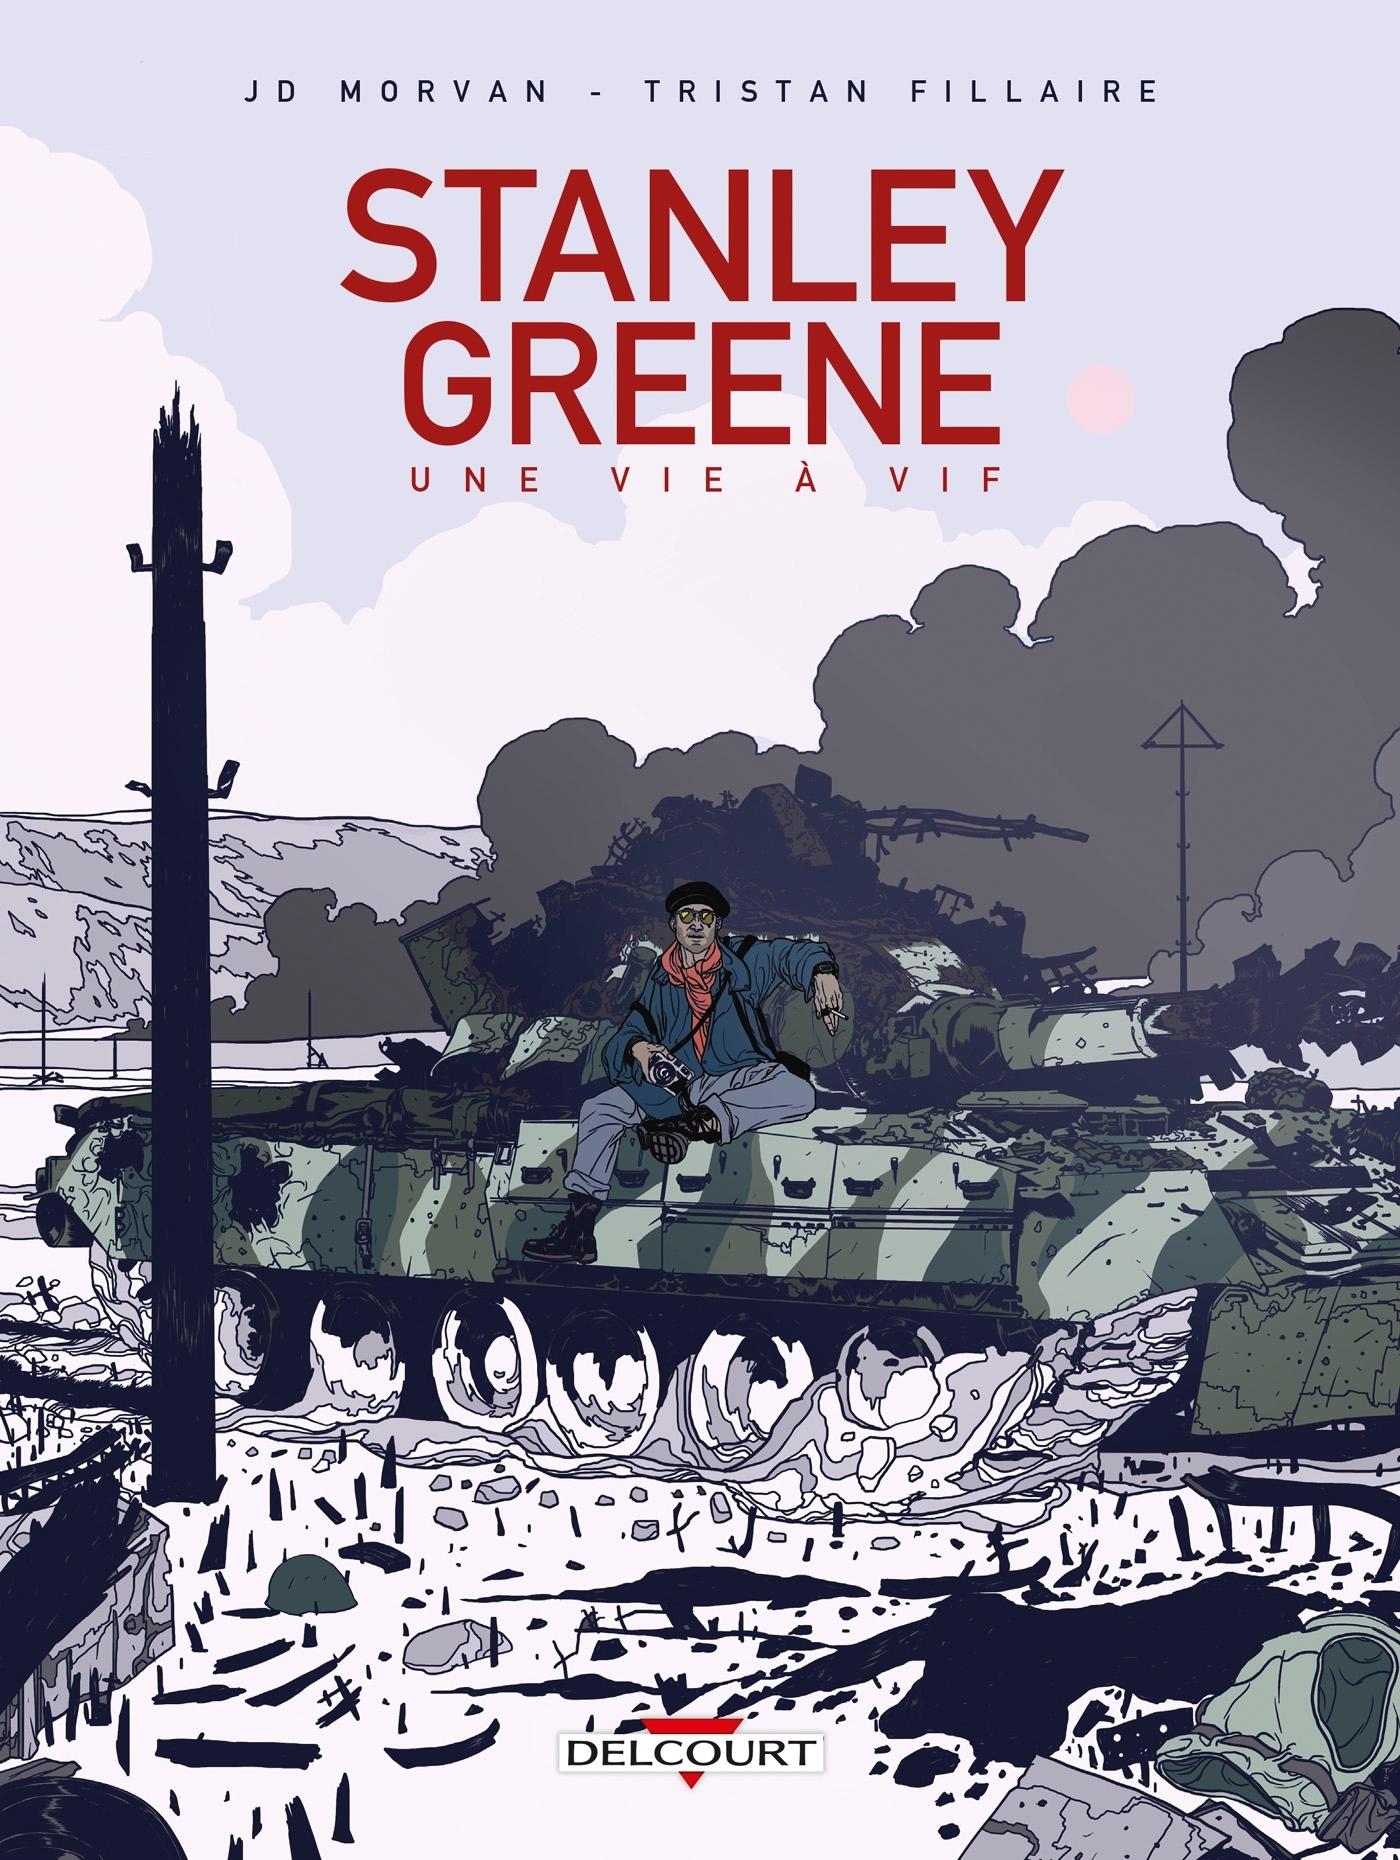 STANLEY GREENE, UNE VIE A VIF - ONE-SHOT - STANLEY GREENE, UNE VIE A VIF